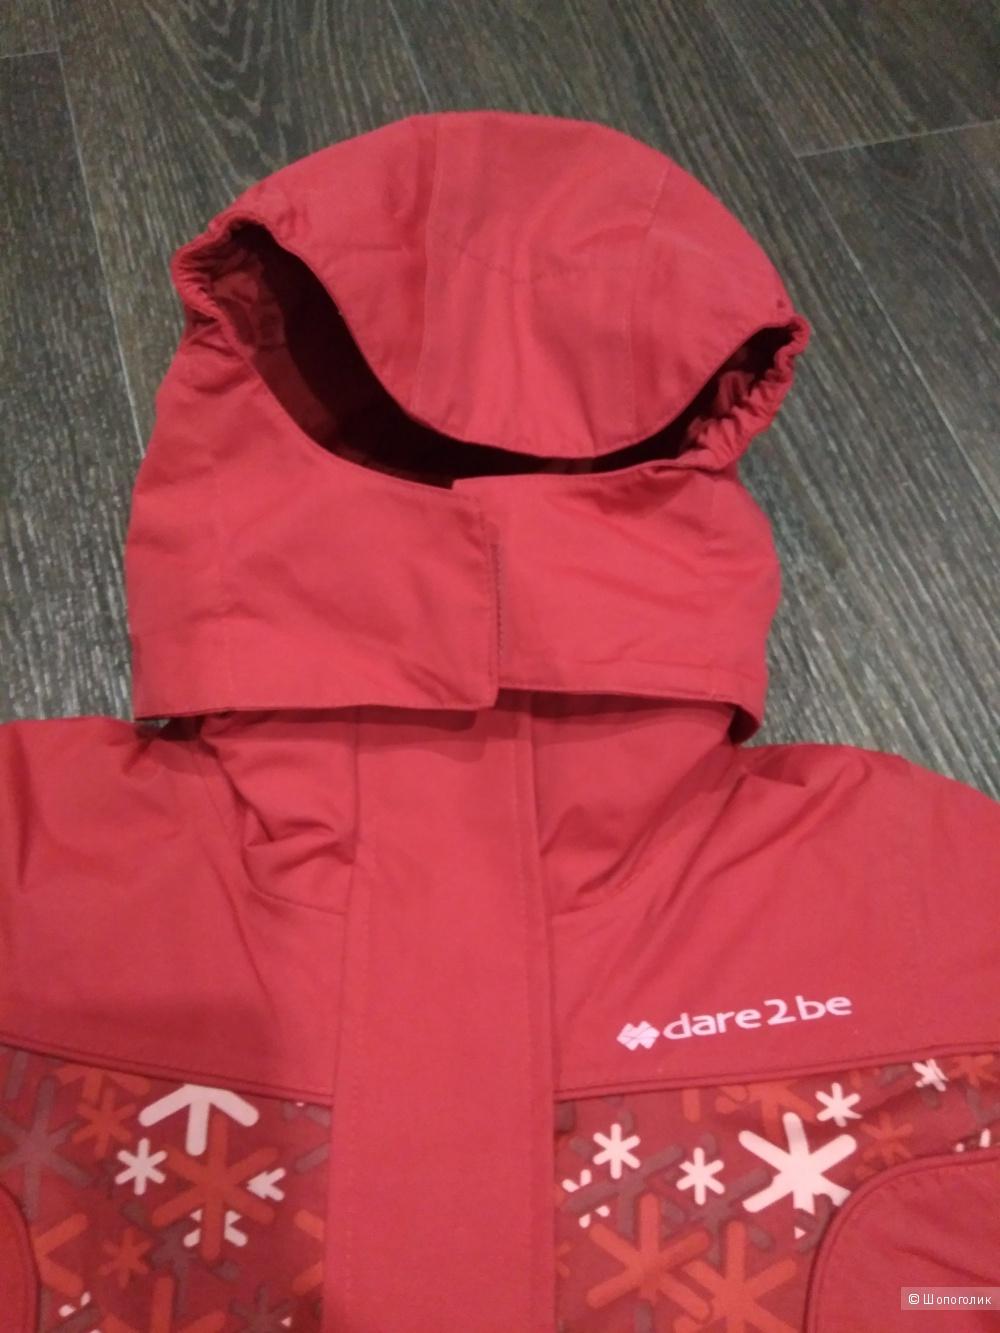 Куртка Dare 2 be размер 3-4 года